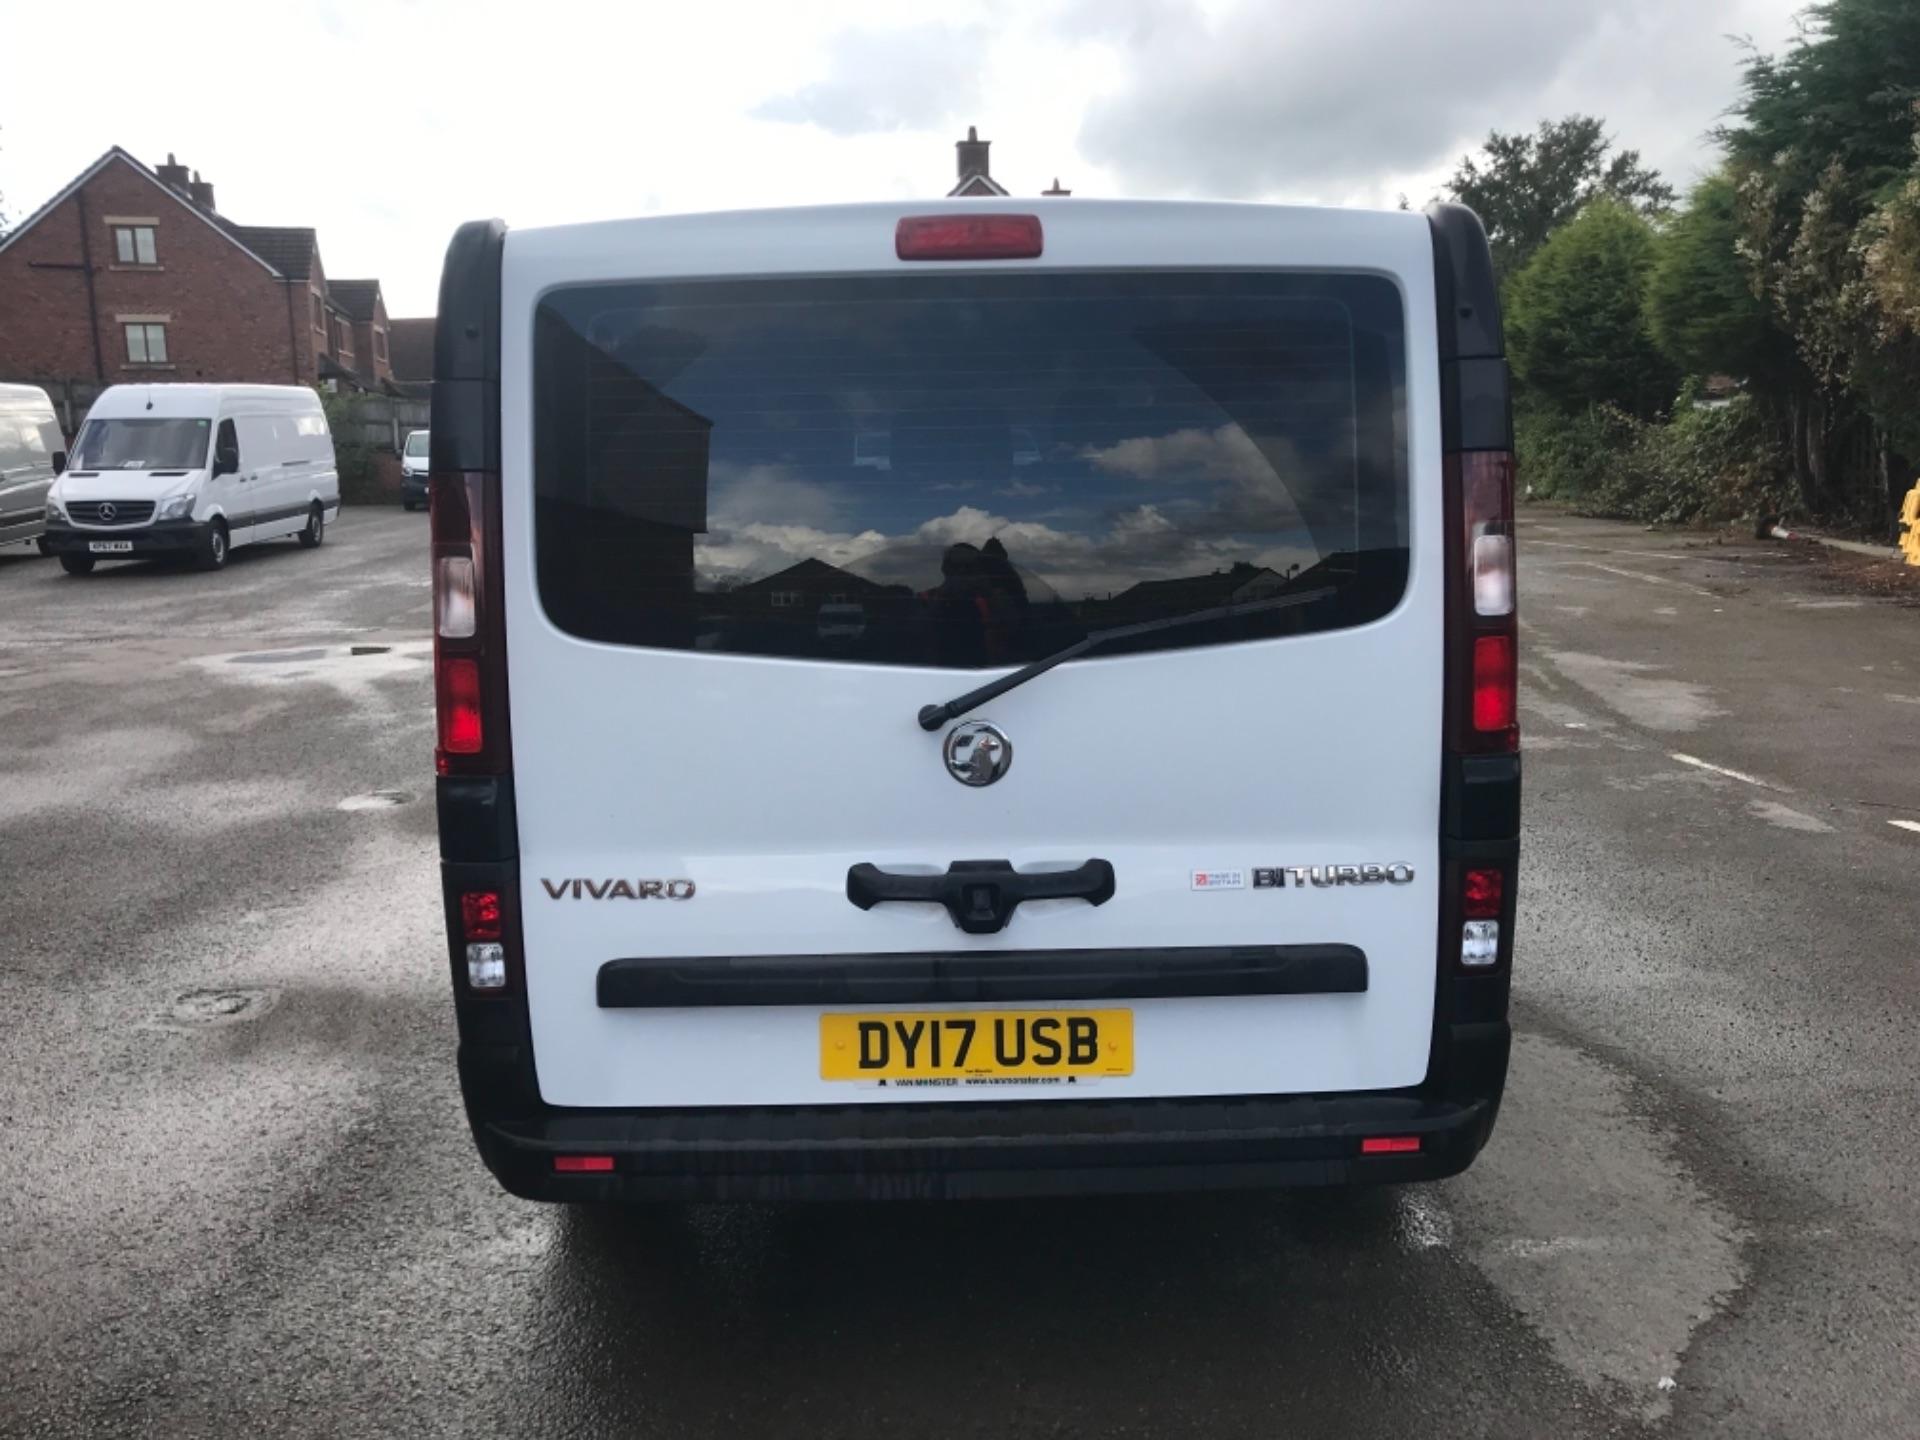 2017 Vauxhall Vivaro 2900 1.6Cdti Biturbo 125Ps H1 Combi 9 Seat EURO 6  (DY17USB) Image 6